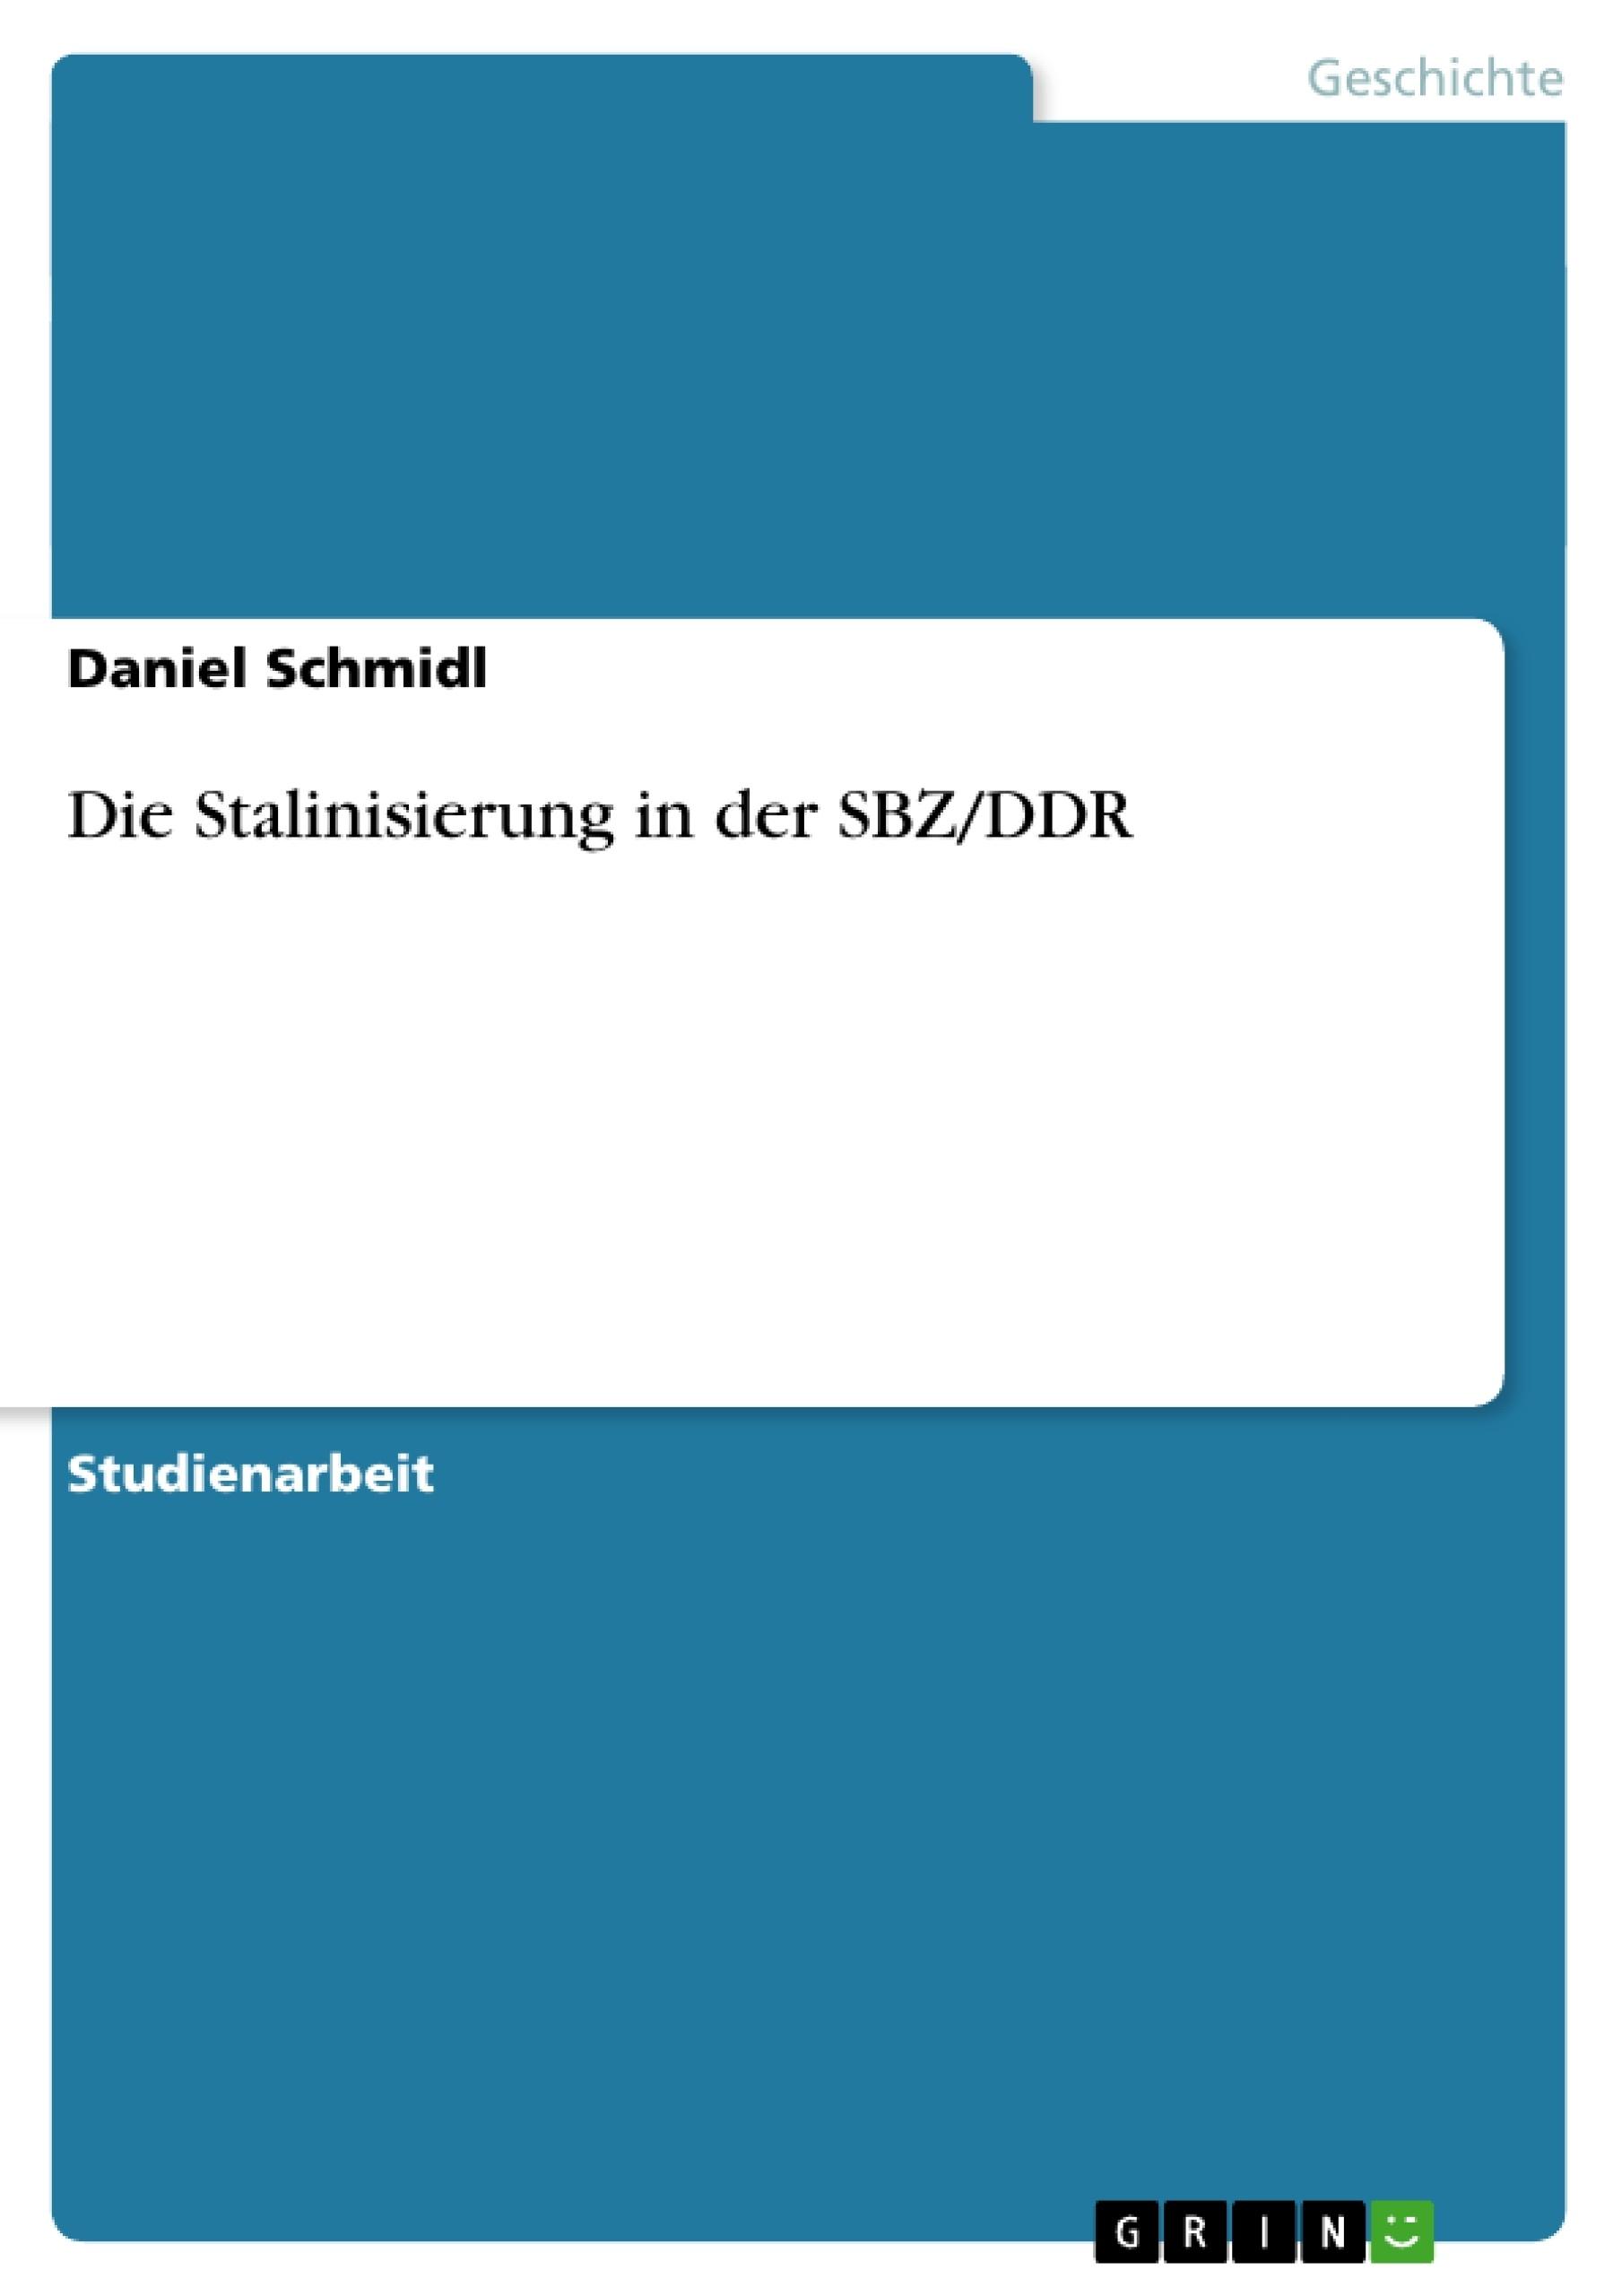 Titel: Die Stalinisierung in der SBZ/DDR